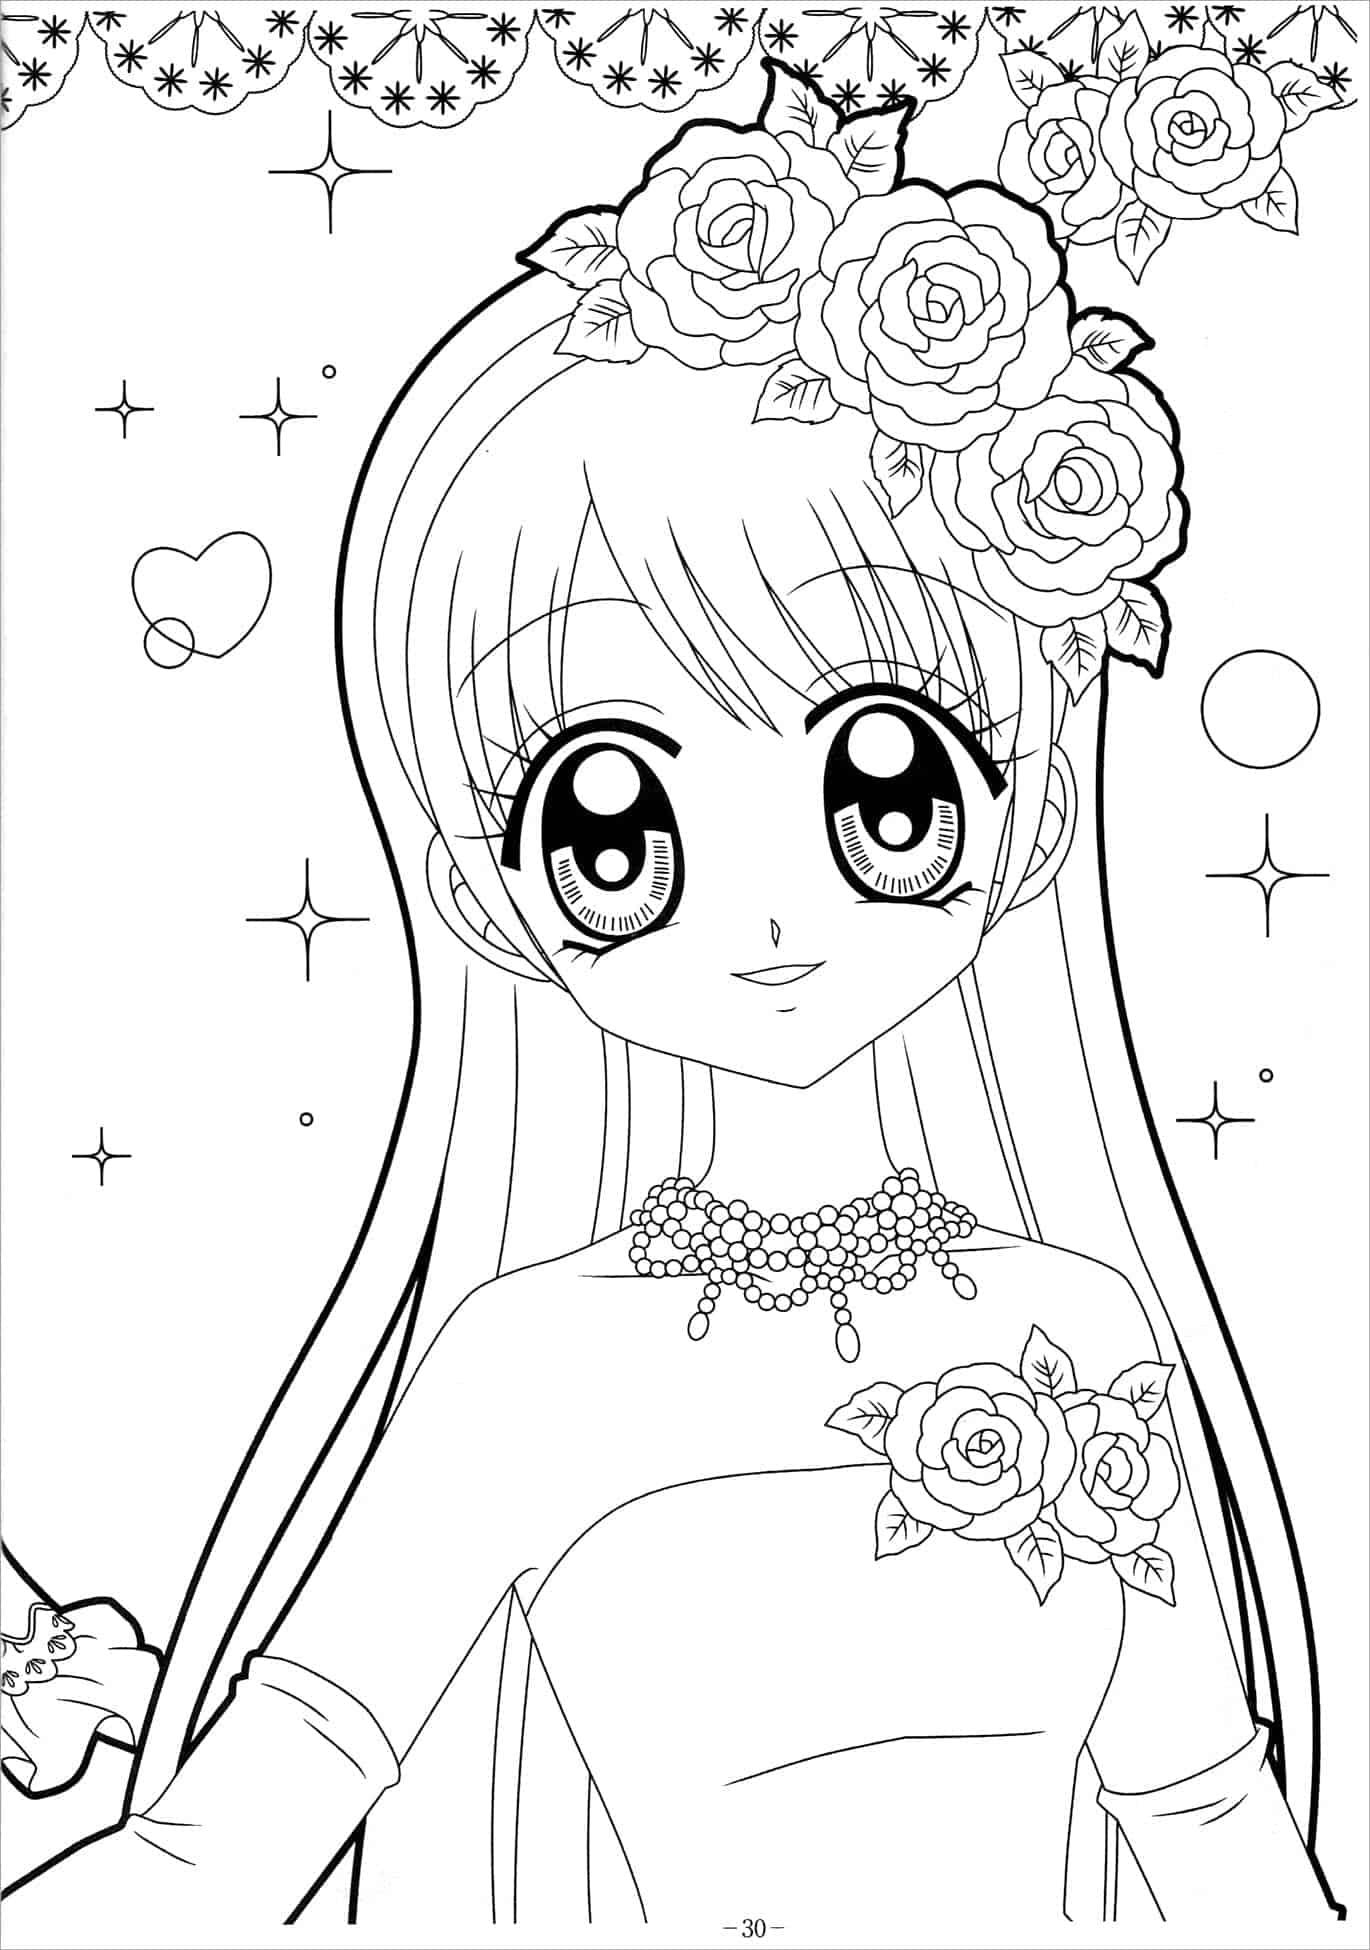 Tranh tô màu công chúa anime hiền dịu